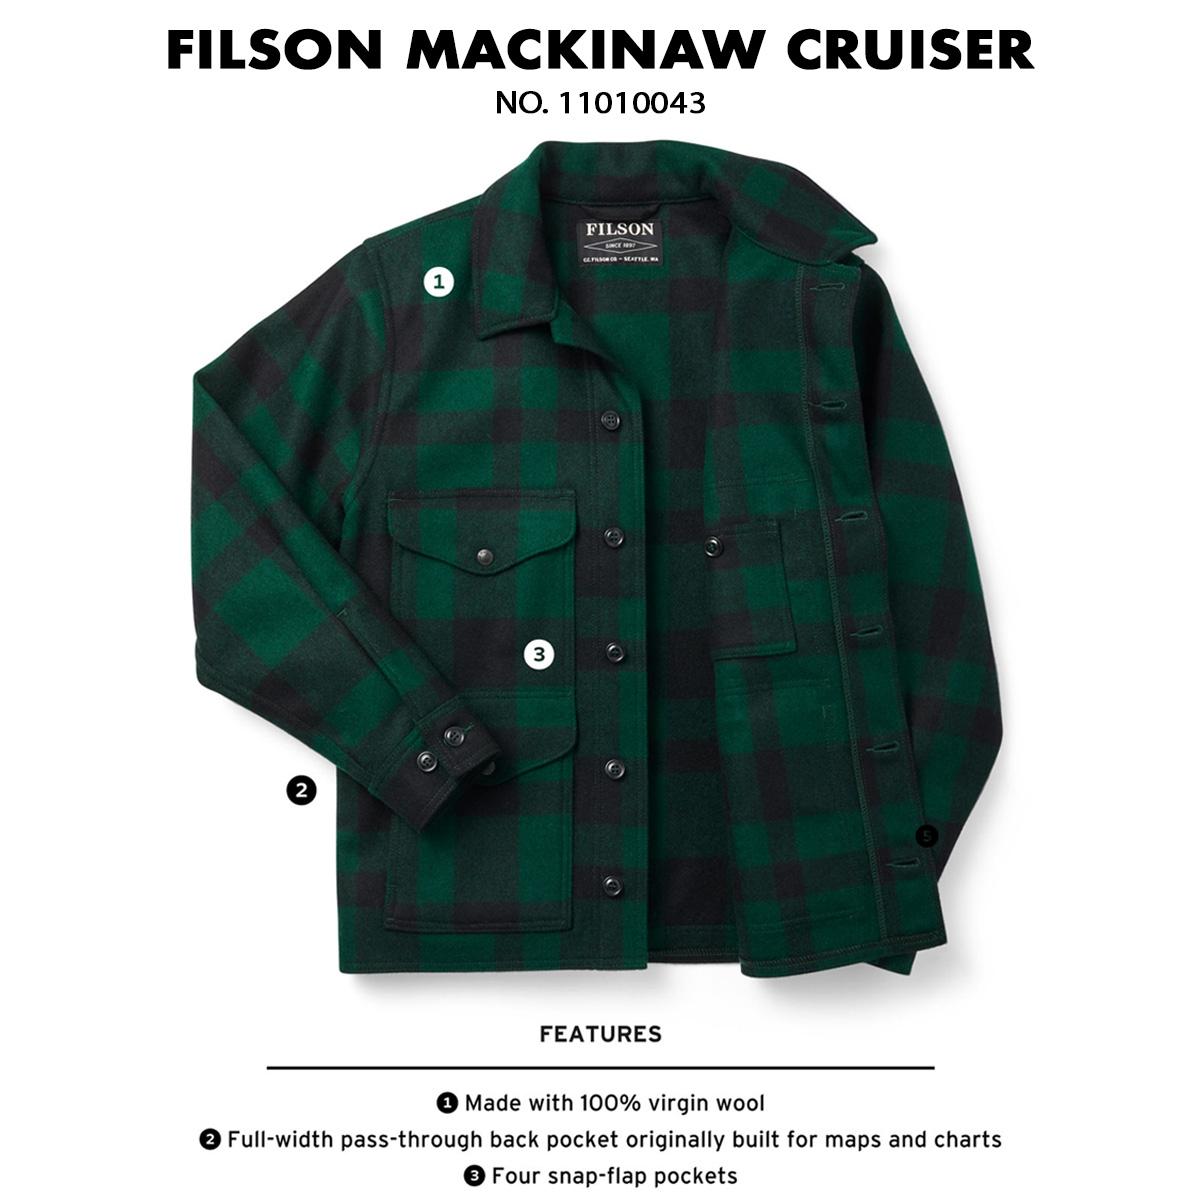 Filson Mackinaw Cruiser Jacket Green Black, gepatenteerd in 1914 en vandaag de dag nog steeds veel gevraagd.